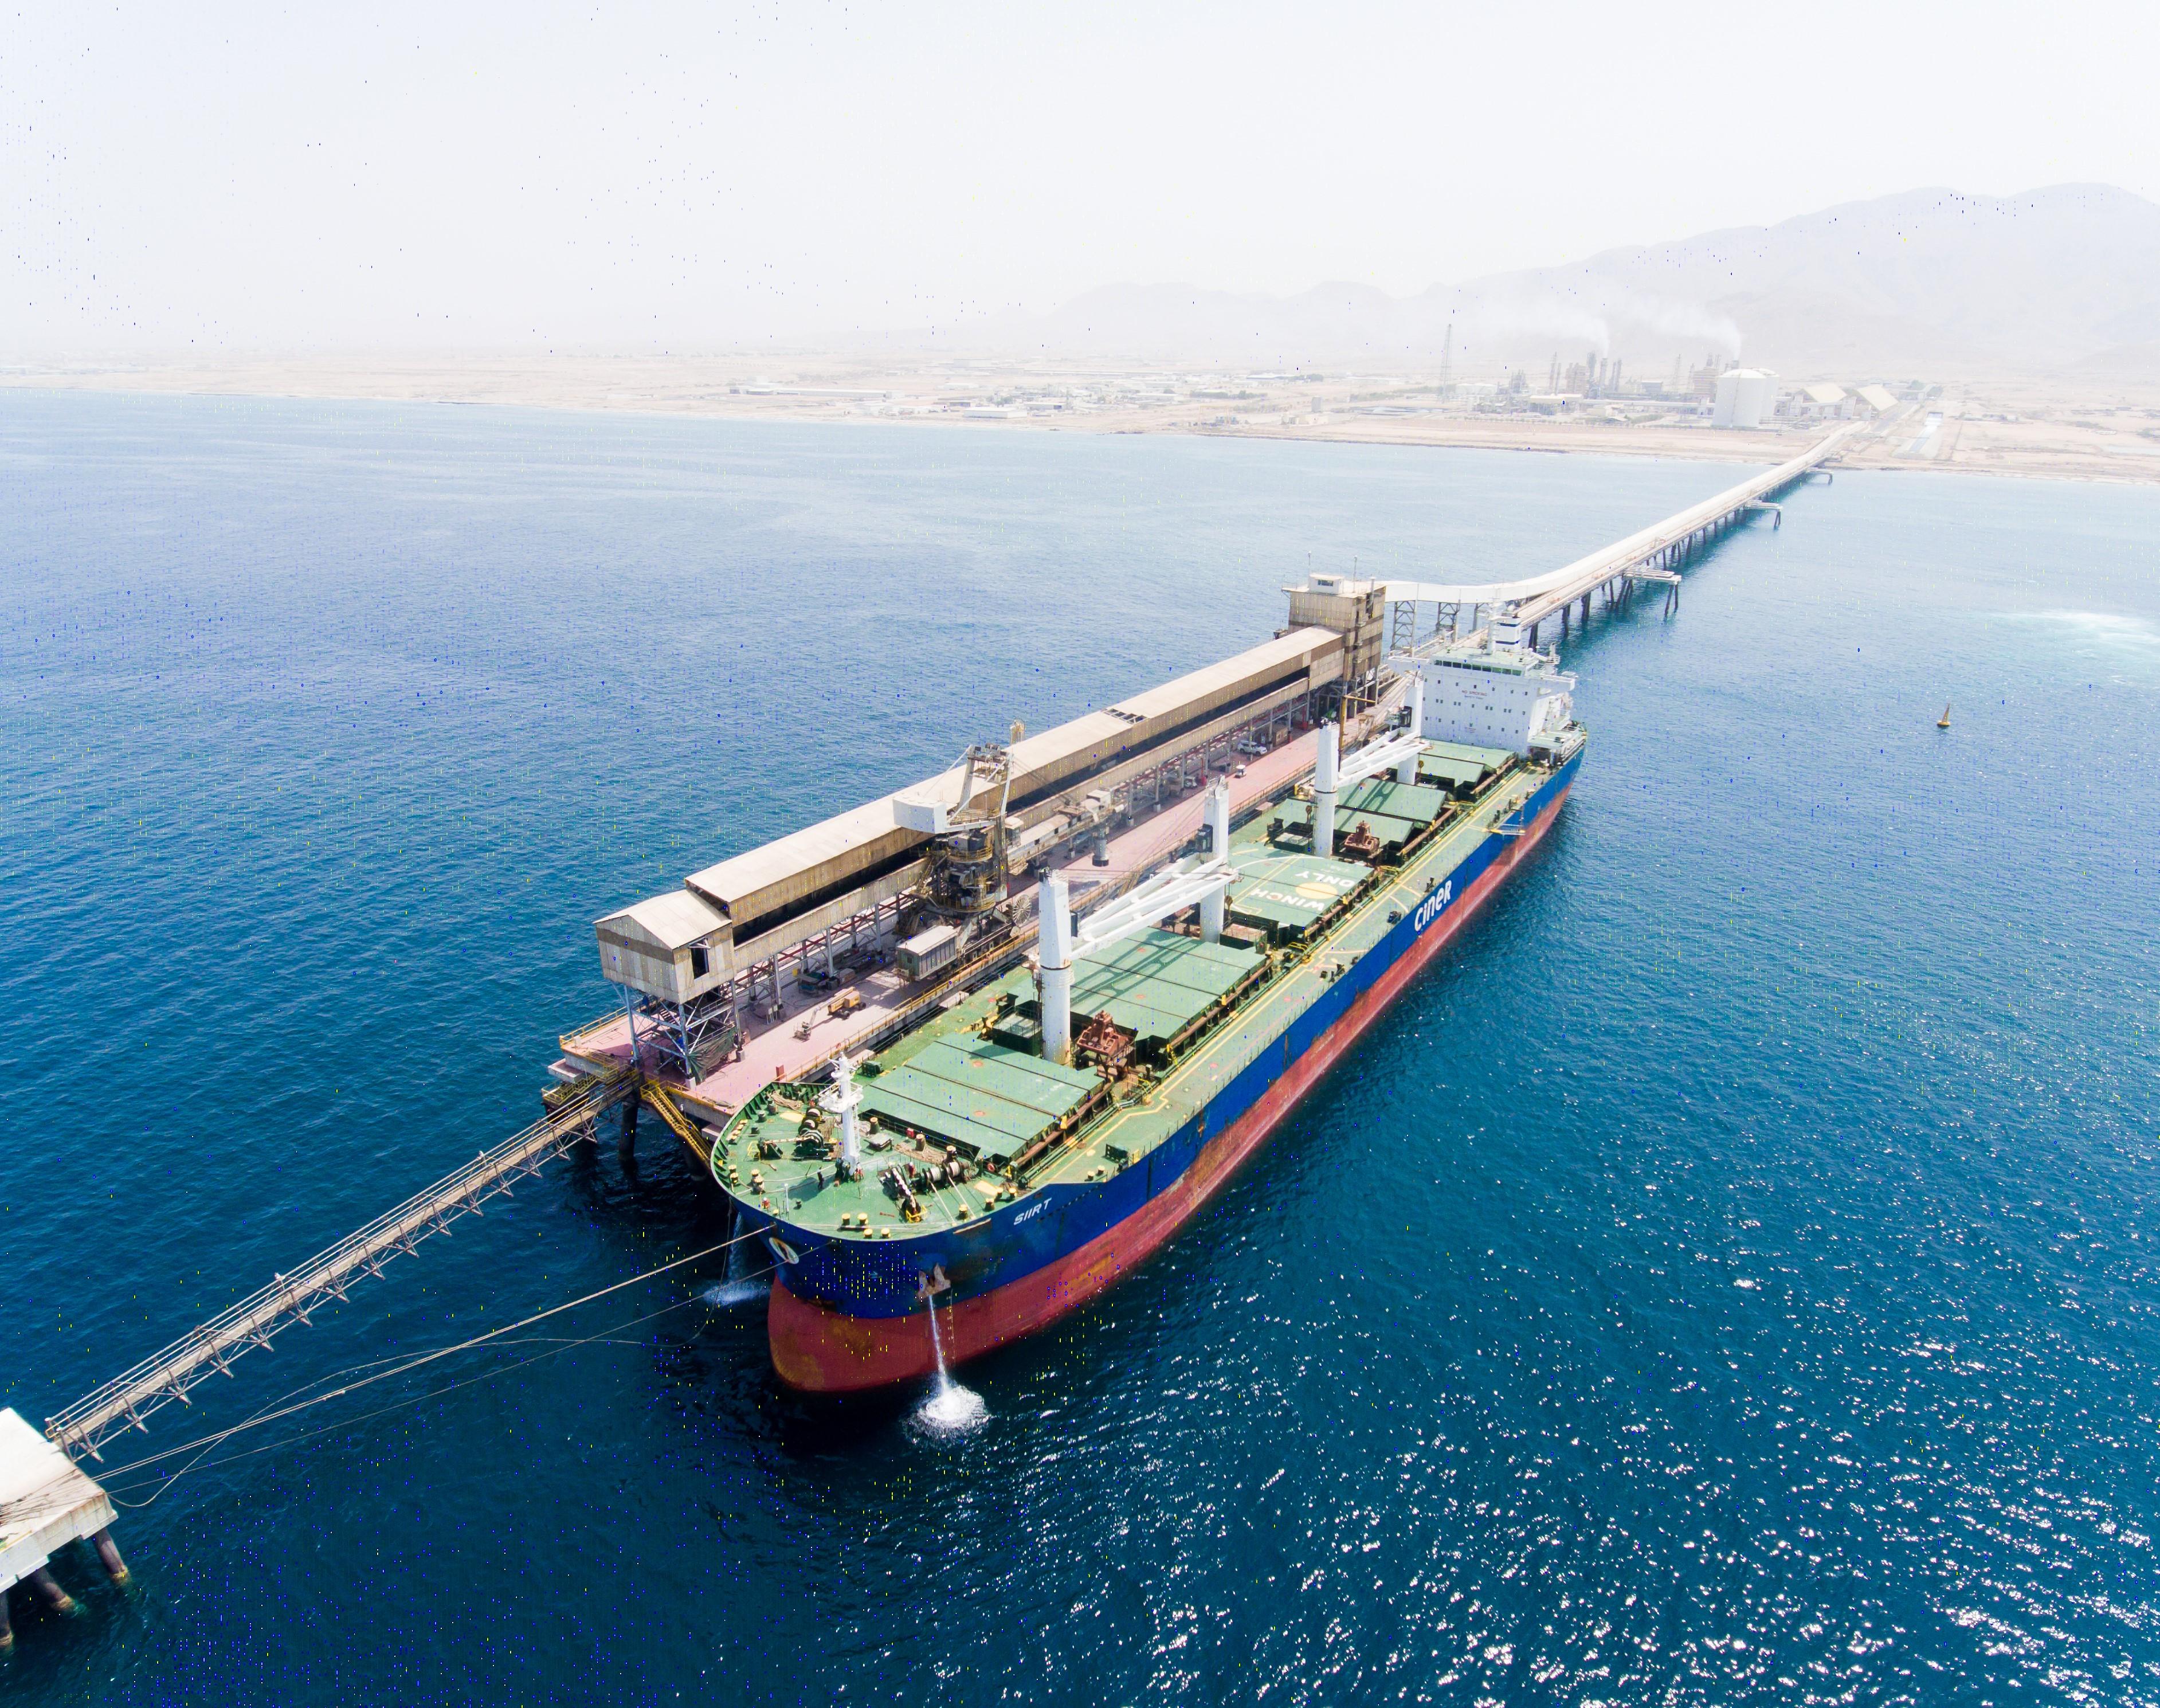 أولى الشحنات في طريقها إلى البرازيل.. أوكيو تشتري مليون طن متري من اليوريا